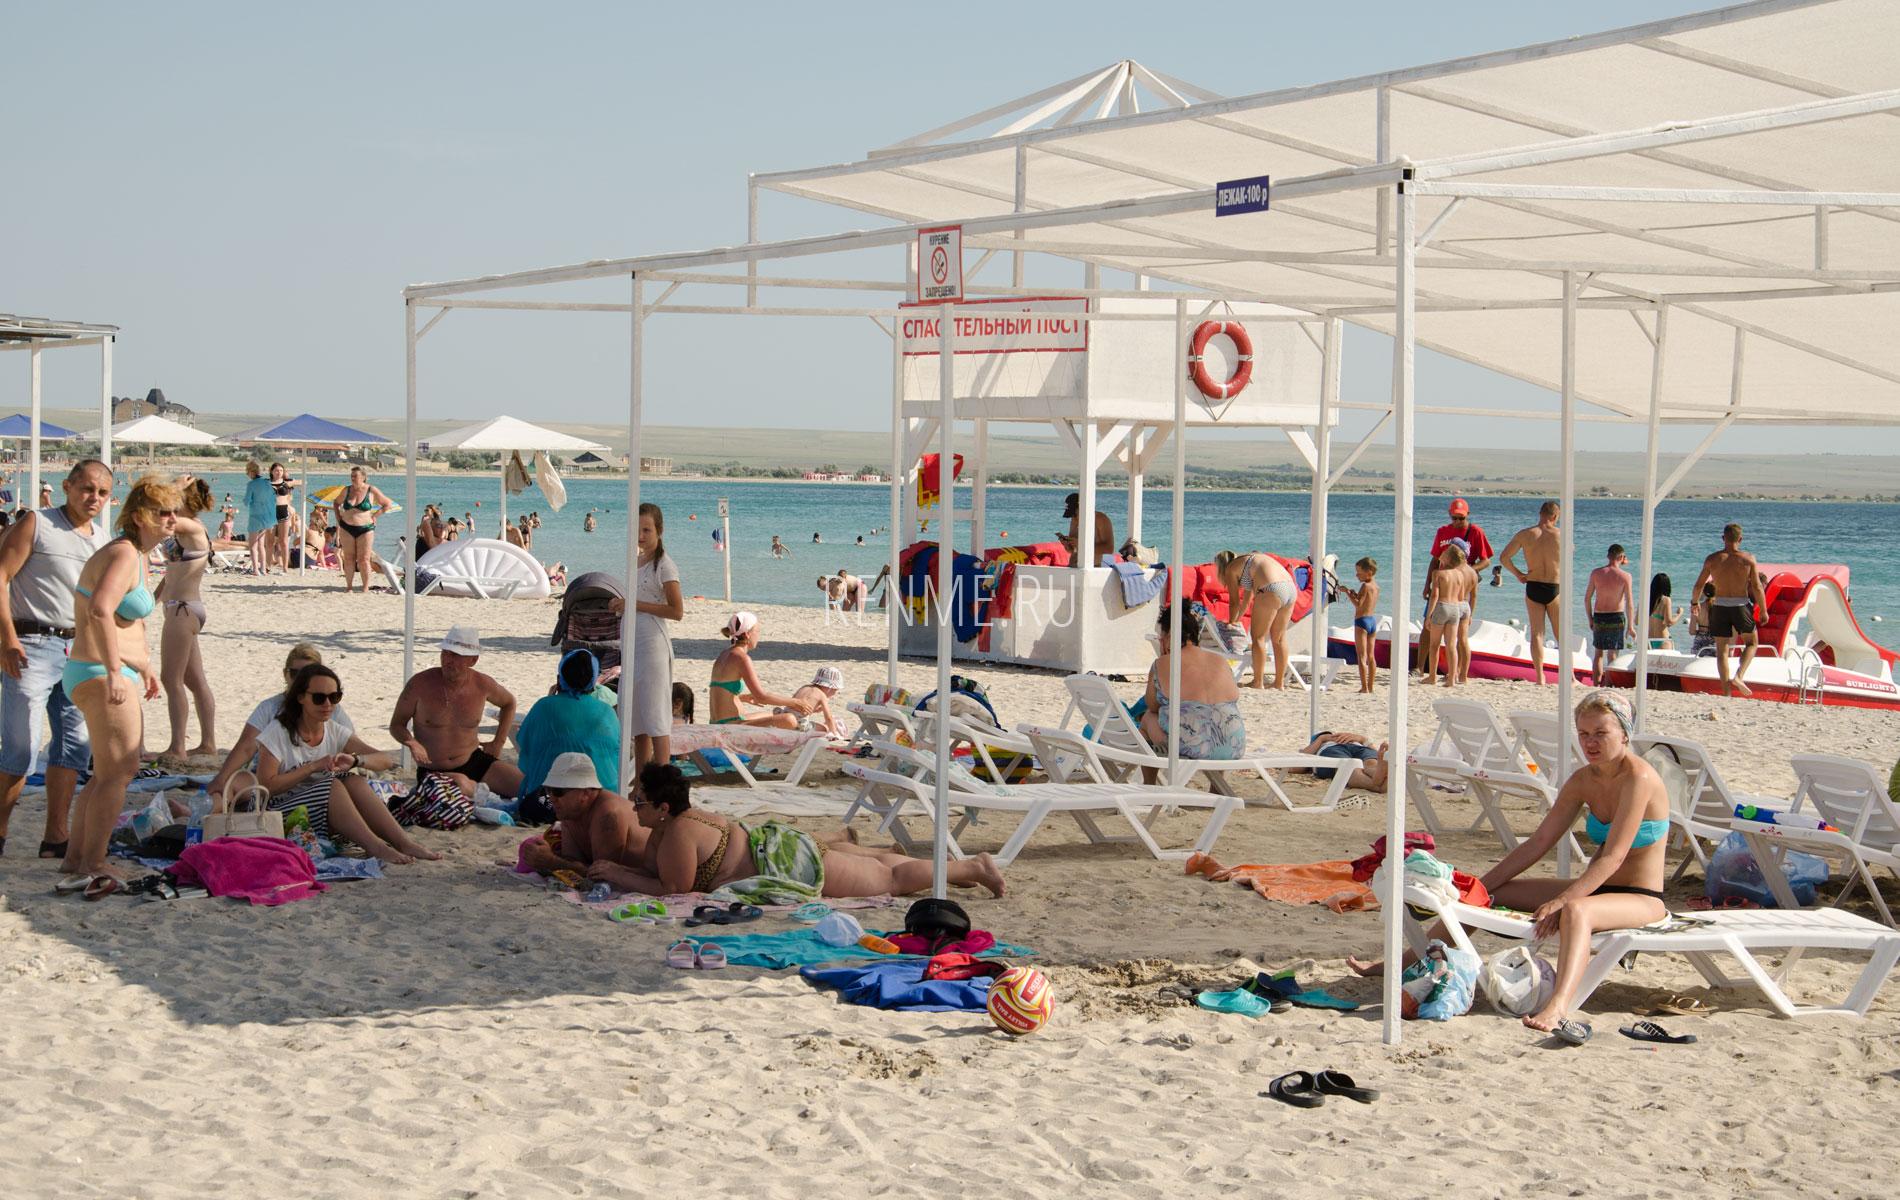 Песчаный пляж с удобствами в Межводном. Фото Межводного